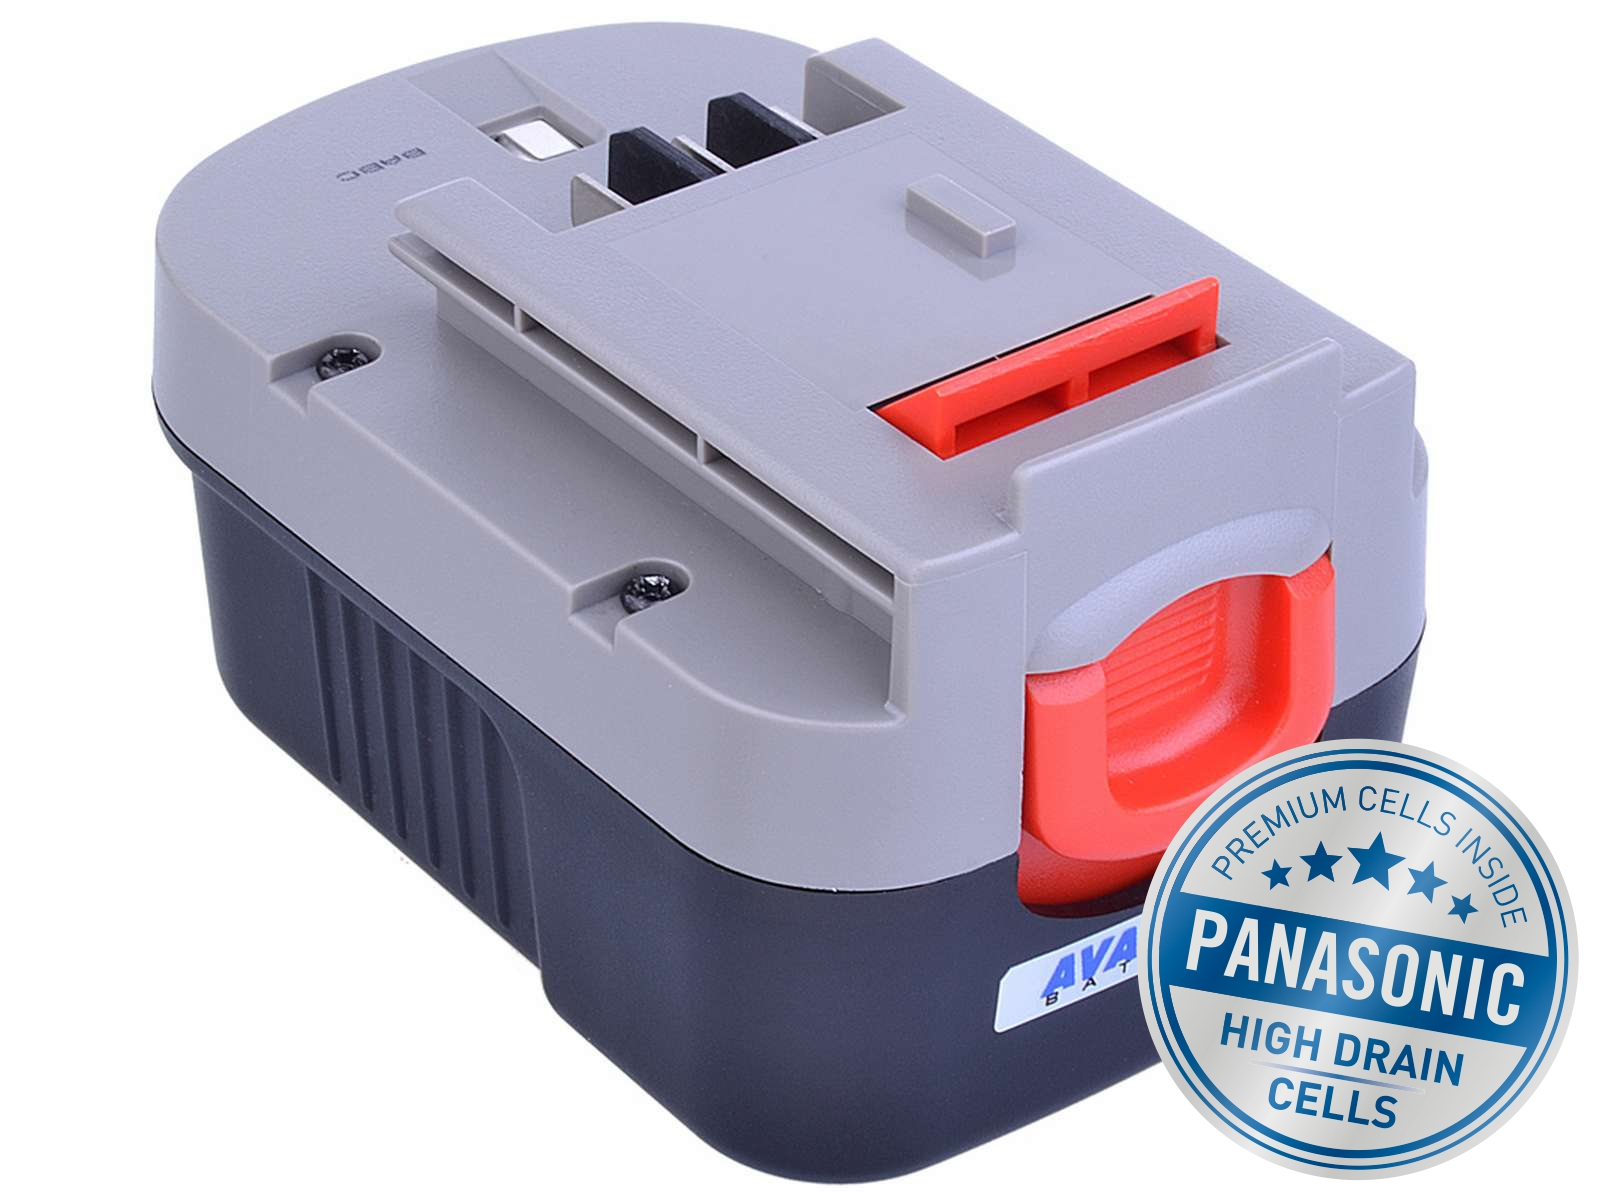 Baterie AVACOM BLACK & DECKER A144, A1714 Ni-MH 14,4V 3000mAh, články PANASONIC